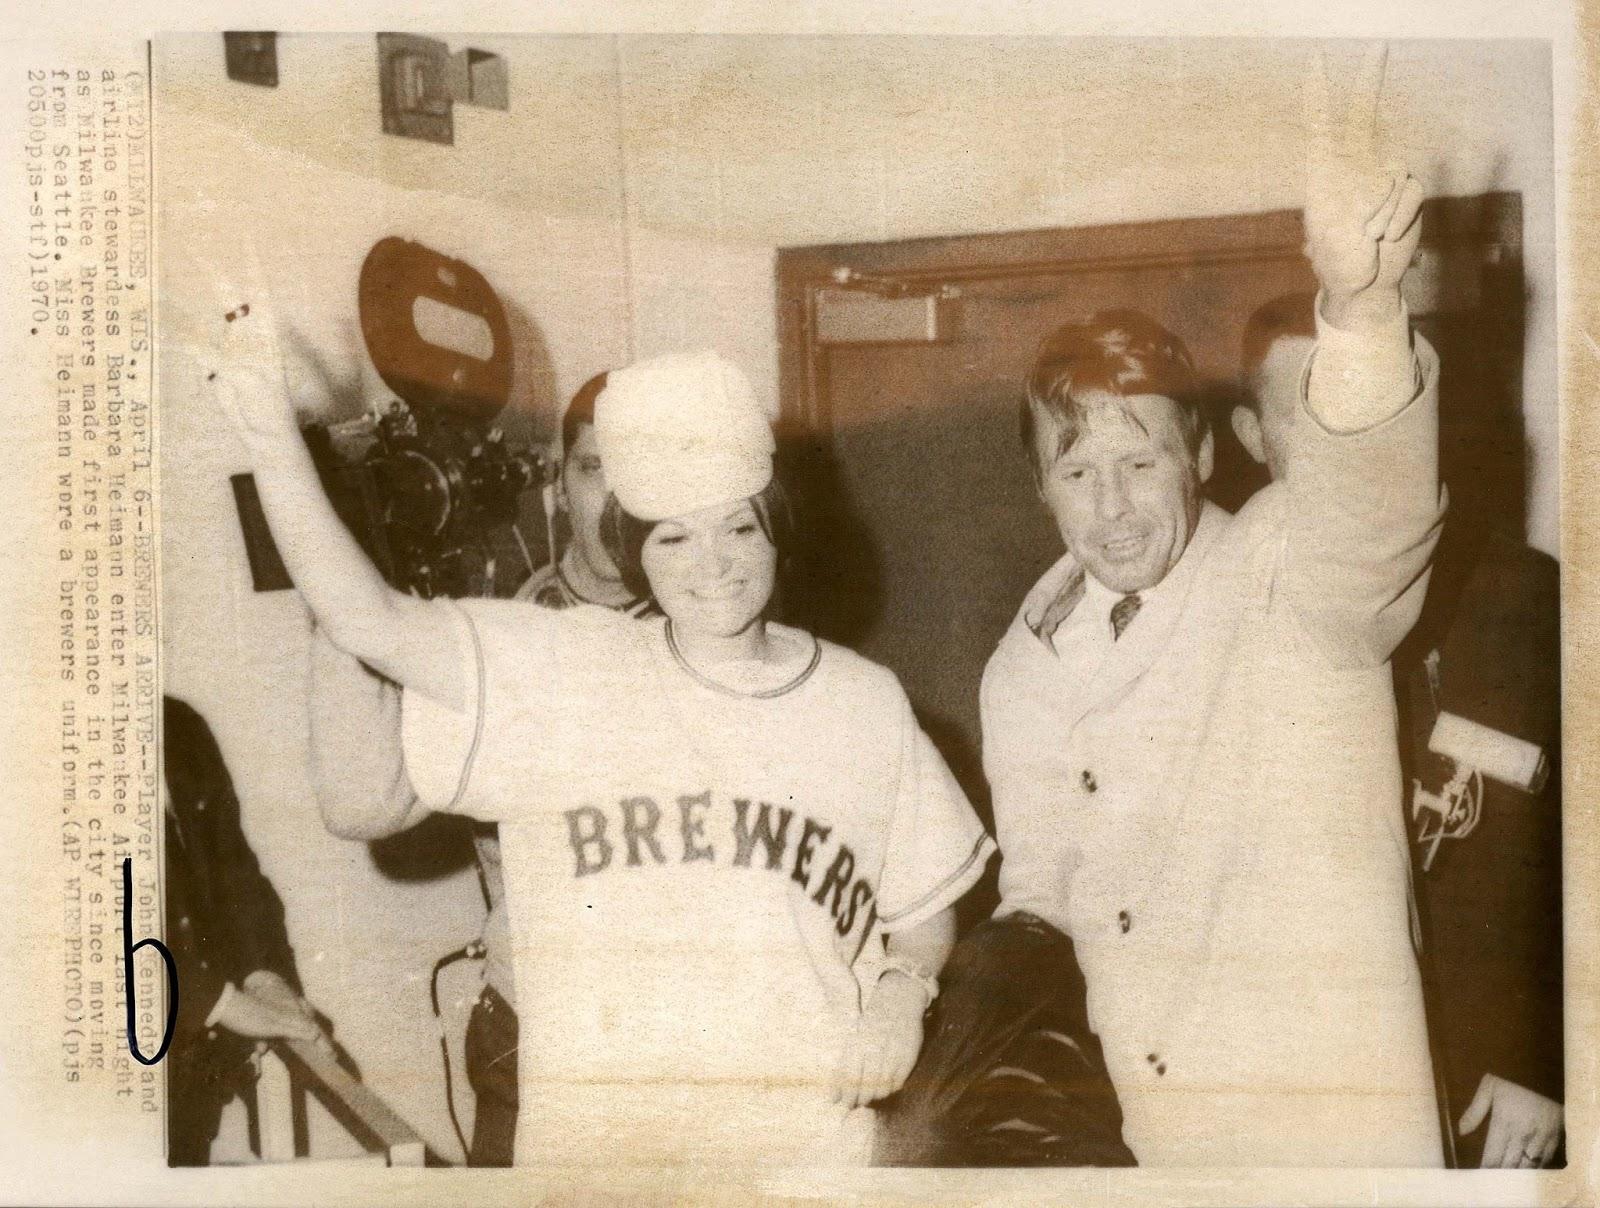 1970_BrewersPrototype_Kennedy.jpg